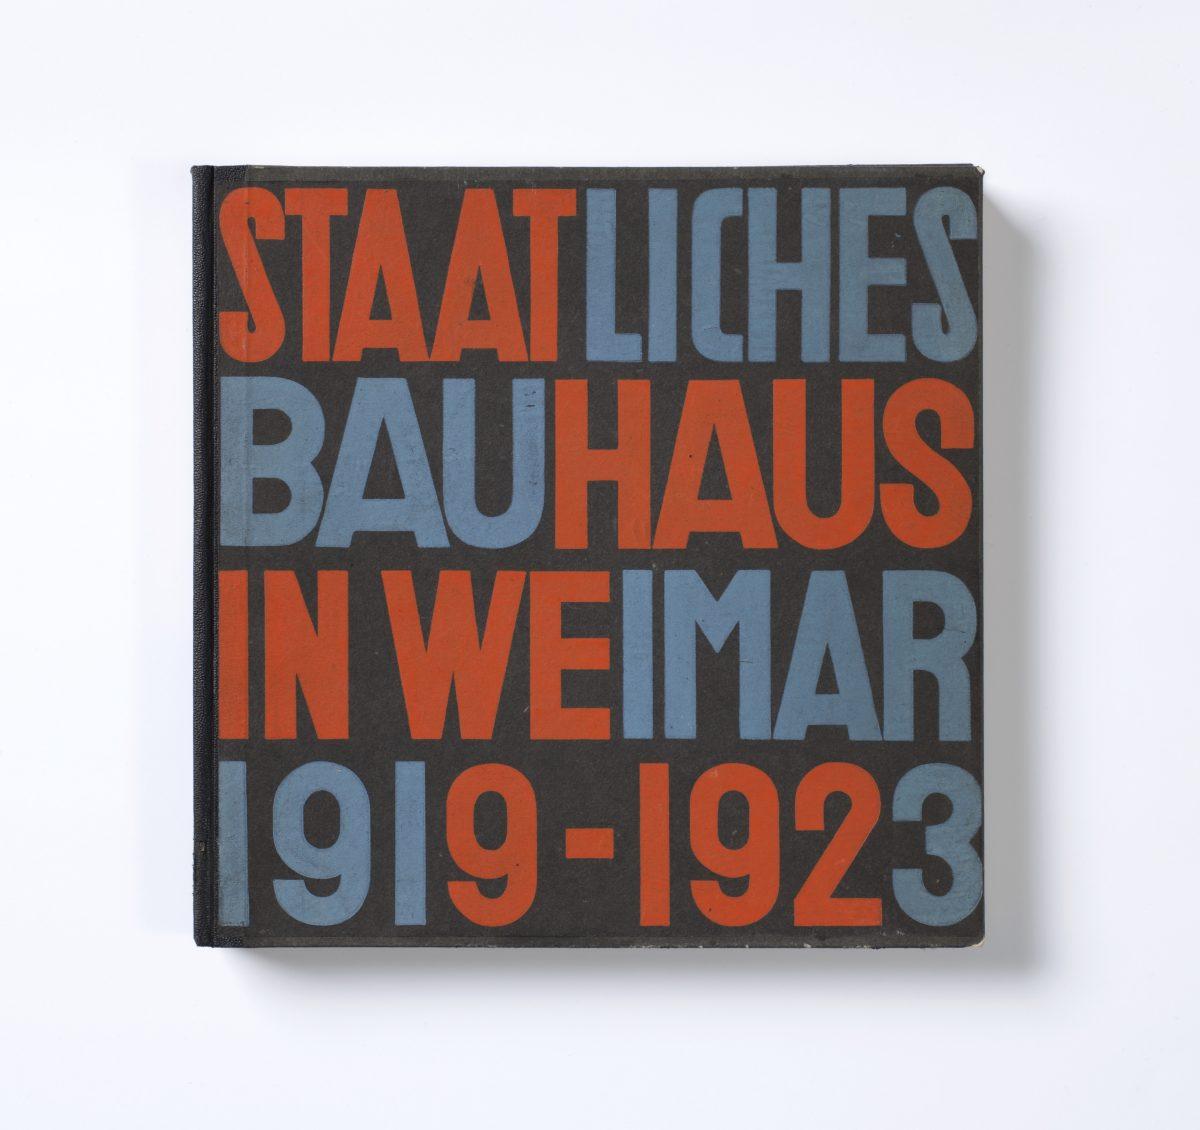 Herbert Bayer (1900–1985), László Moholy-Nagy (1895–1946) Buch/Book: Staatliches Bauhaus in Weimar 1919–1923, Hrsg./Ed.: Staatliches Bauhaus, Weimar und Karl Nierendorf, Köln Bauhaus-Verlag: Weimar/München 1923, Halbleineneinband, Buchdruck/Half-linen binding, letterpress, 25,5×25 cm, Erworben für die Bibliothek/Aquired for the library, 1926, Inv.-Nr. 47/73, Foto: Die Neue Sammlung (A.Laurenzo), © VG-Bild, Bonn 2019